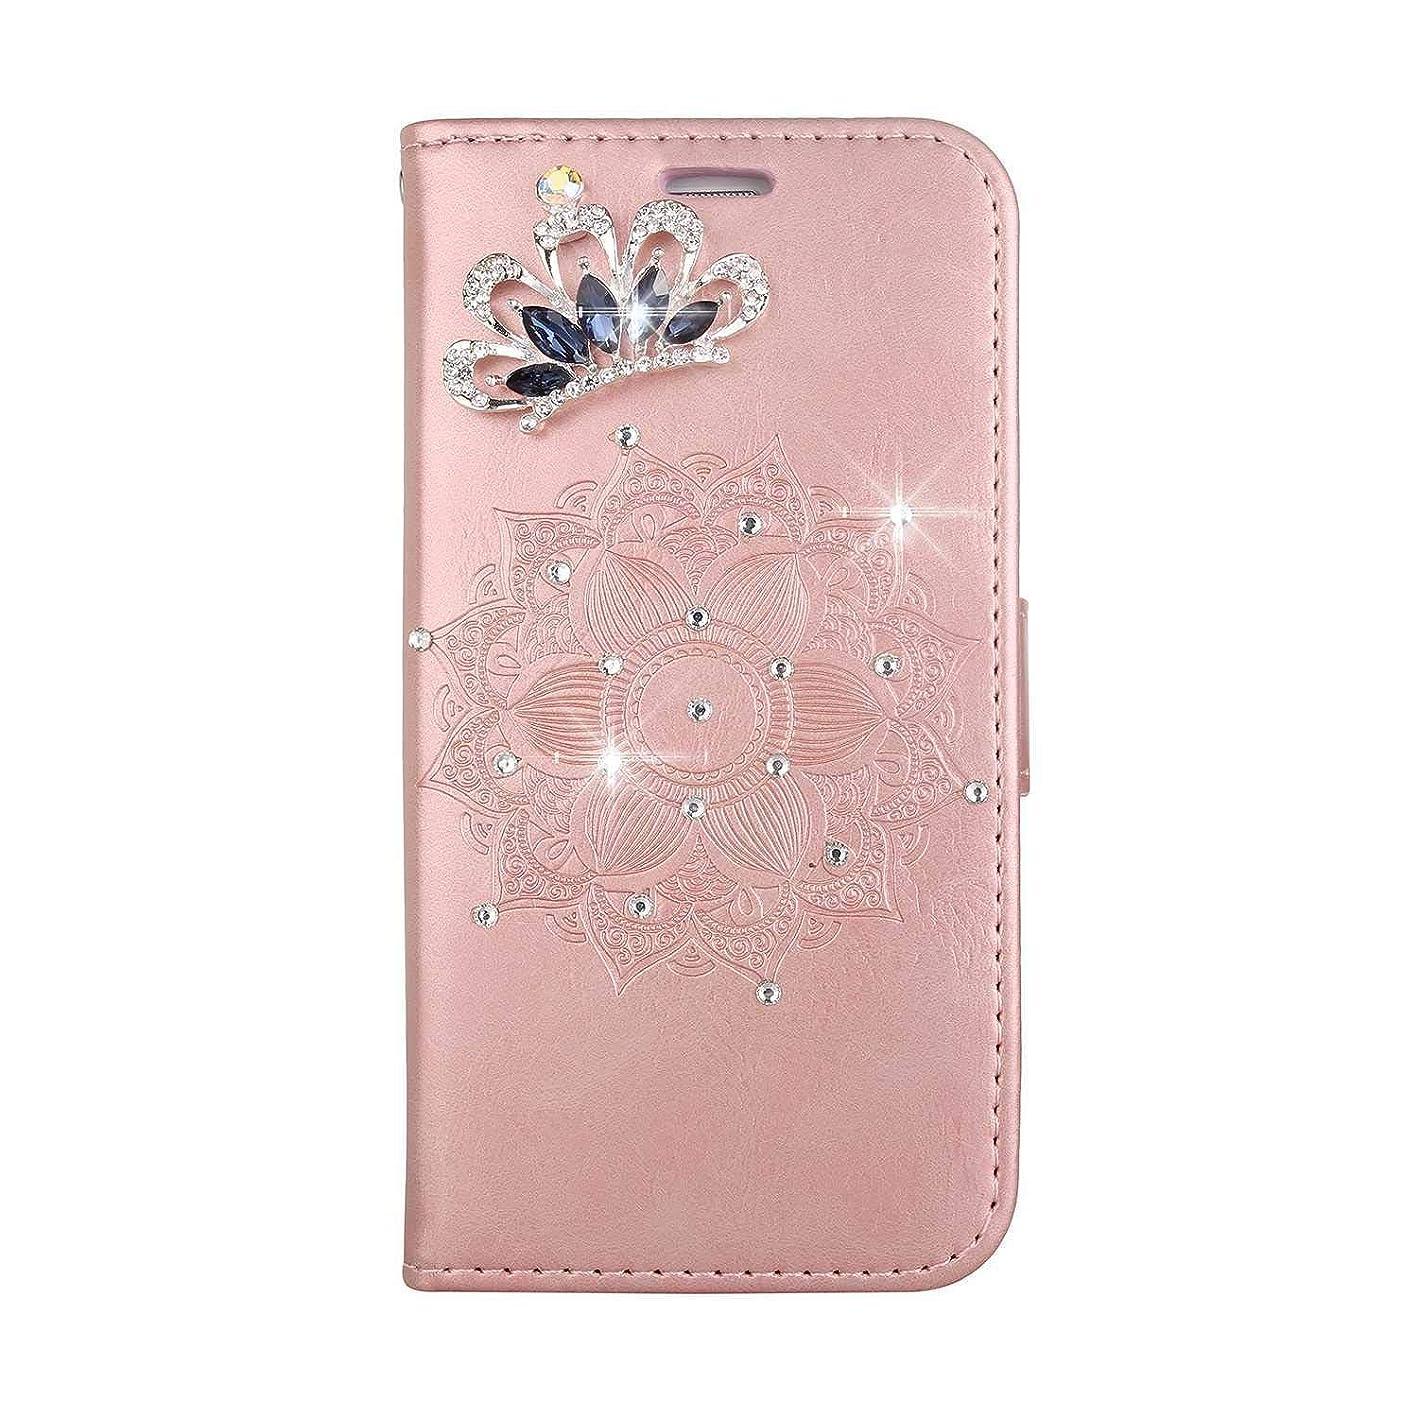 うなずく外交電子レンジOMATENTI iPhone SE/iPhone 5 / iPhone 5s ケース, ファッション人気ダイヤモンドの輝きエンボスパターン PUレザー 落下防止 財布型カバー 付きカードホルダー iPhone SE/iPhone 5 / iPhone 5s 用,ピンク